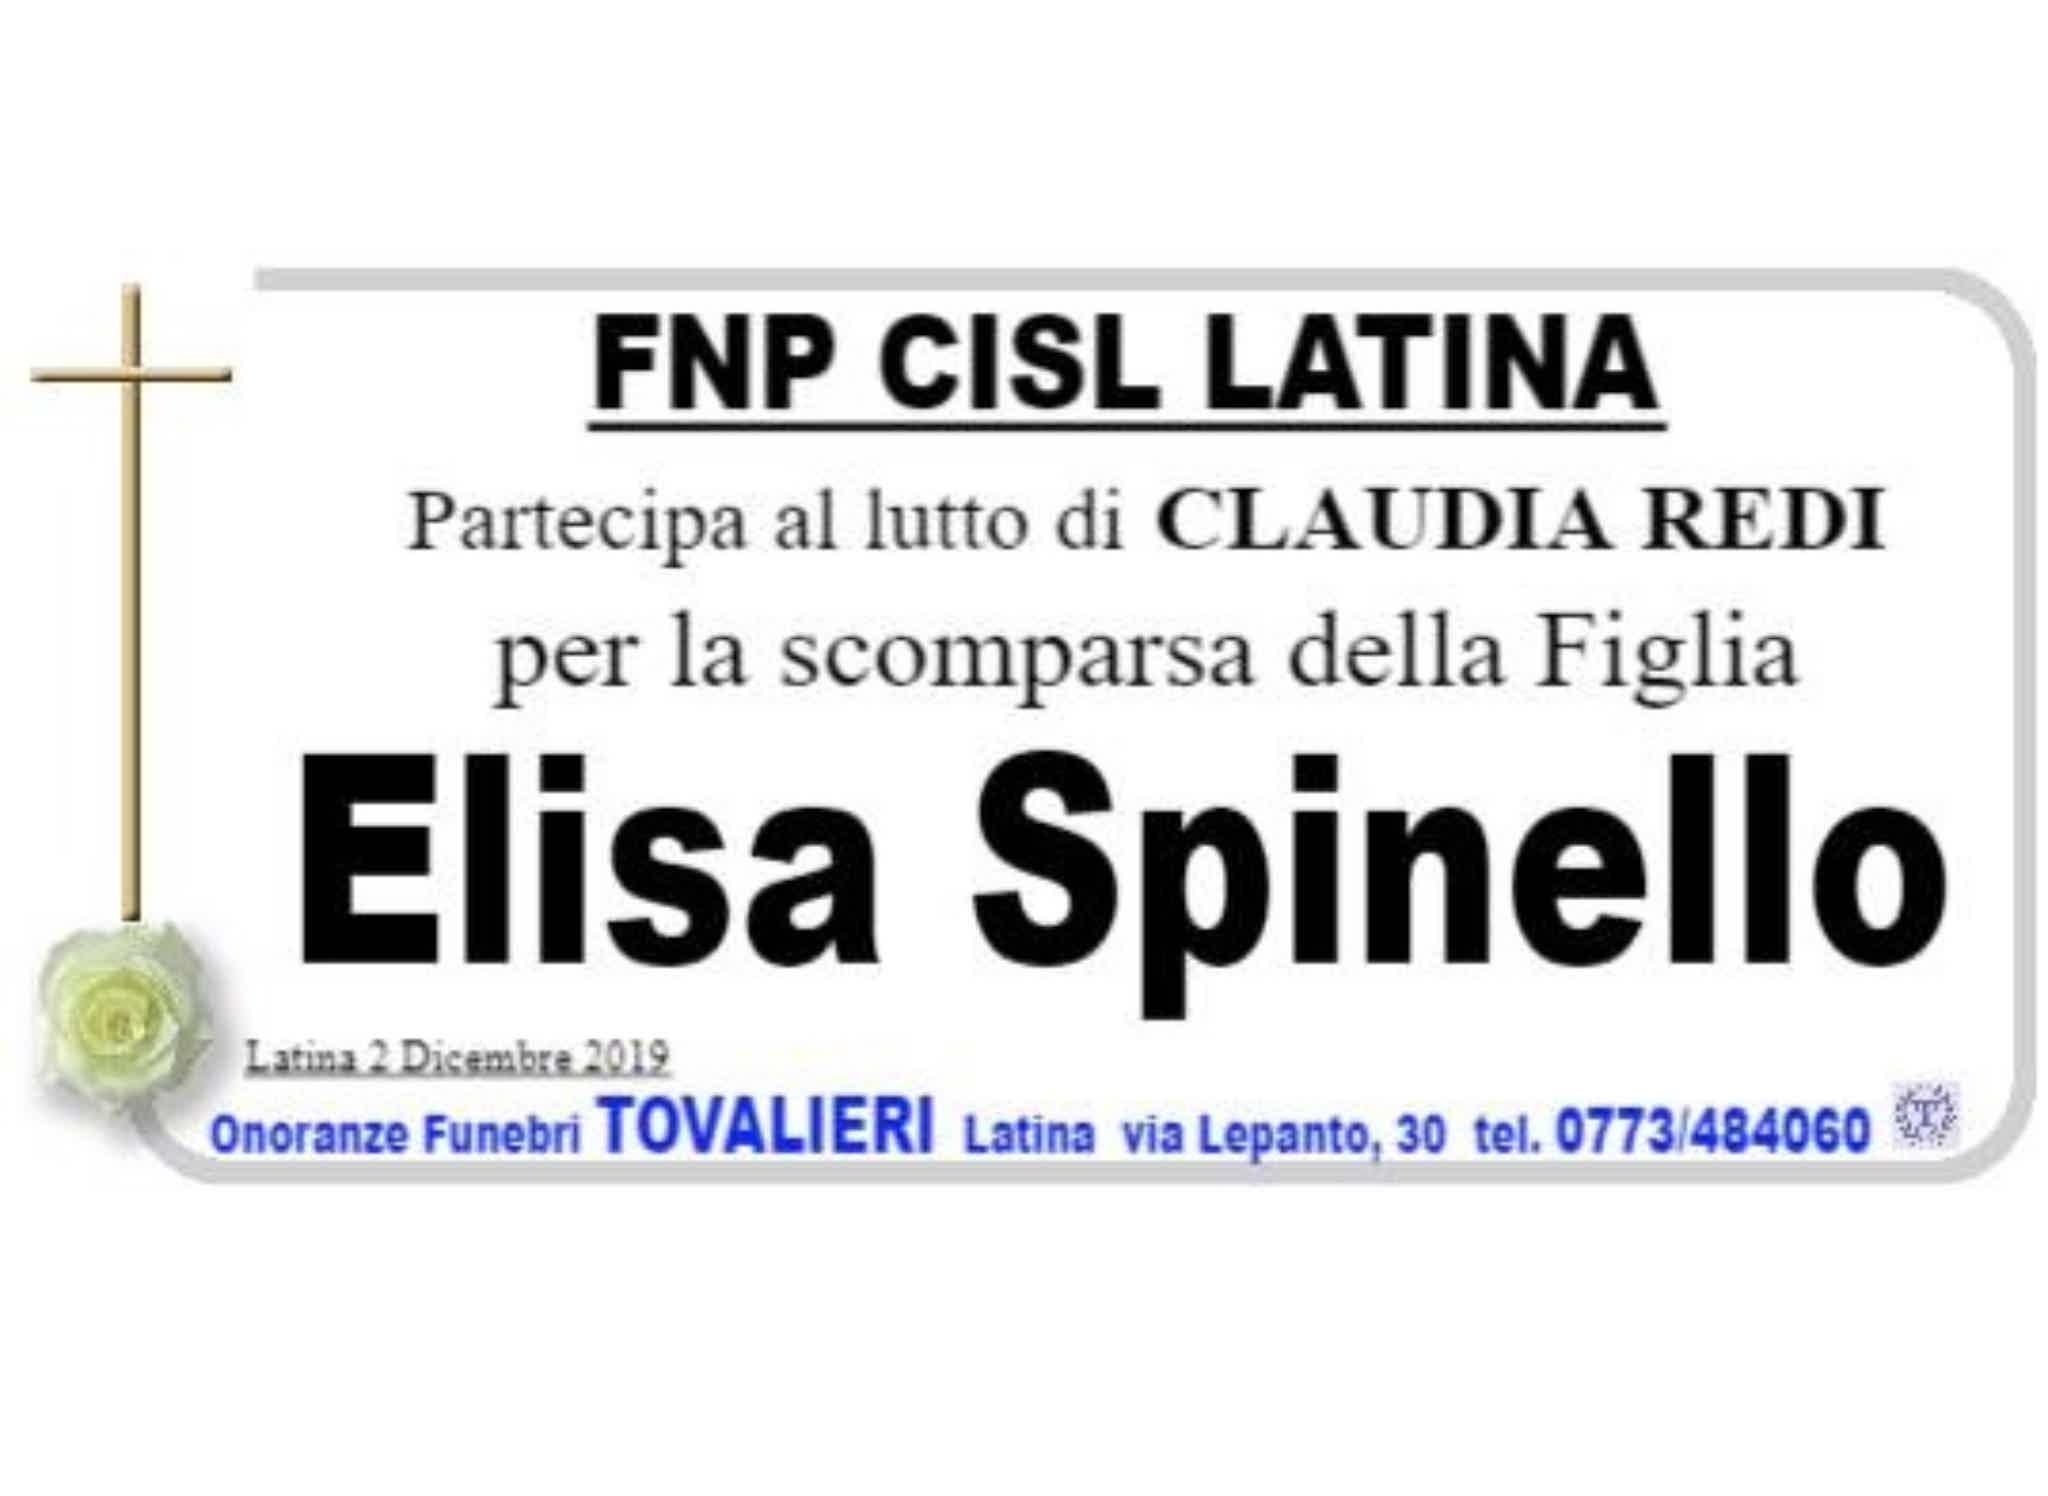 FNP CISL LATINA